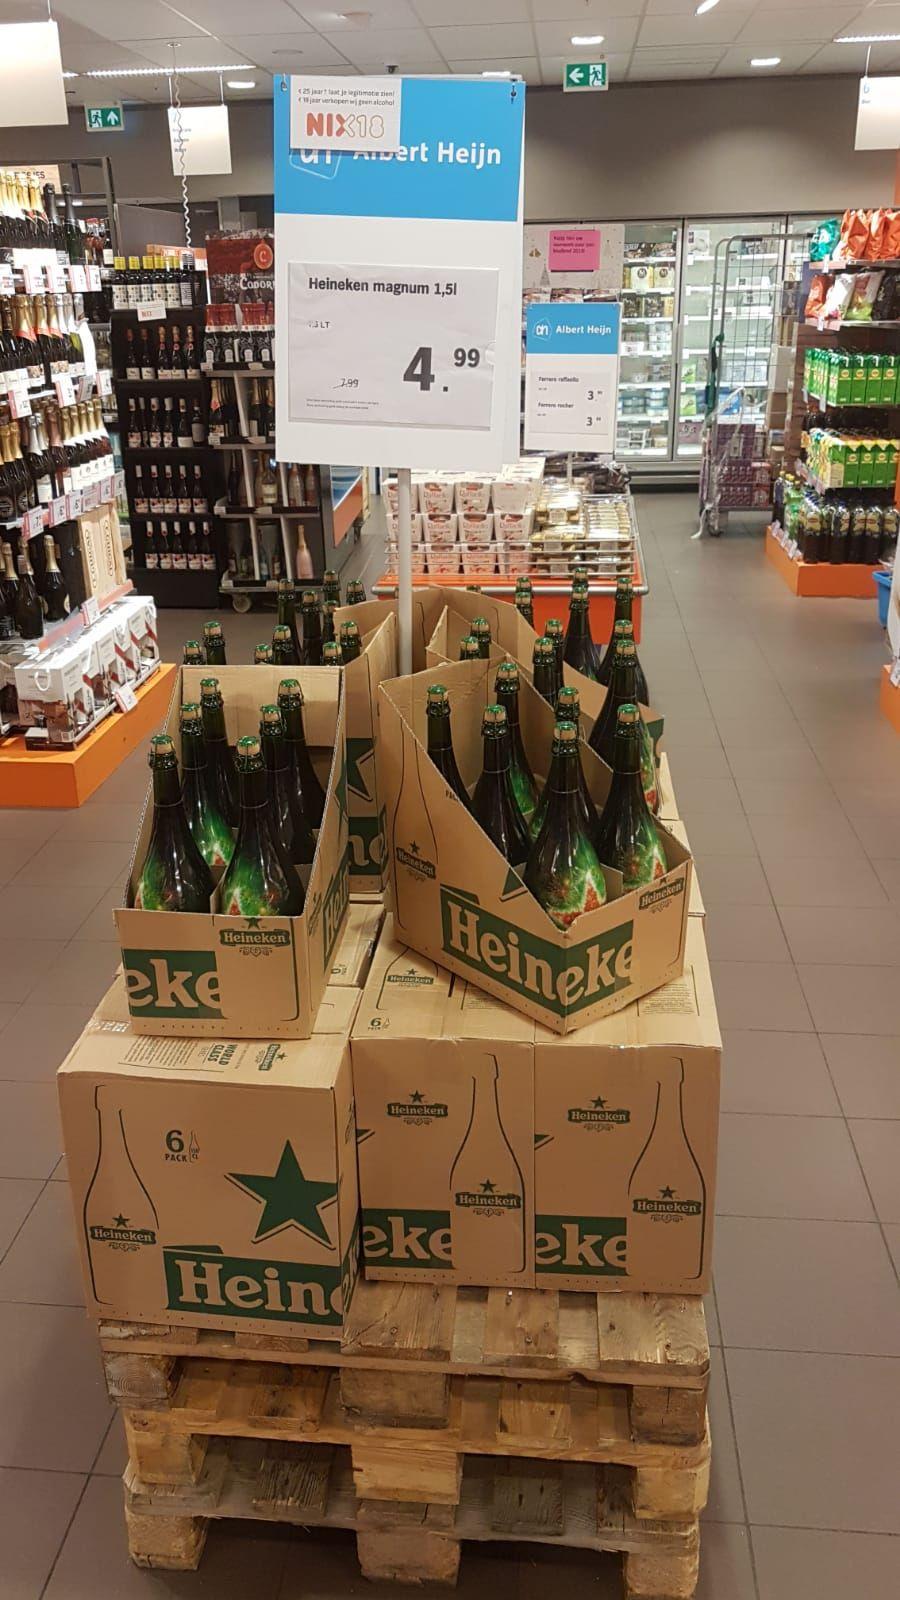 Heineken magnum fles 1.5 liter nu voor maar €4.99